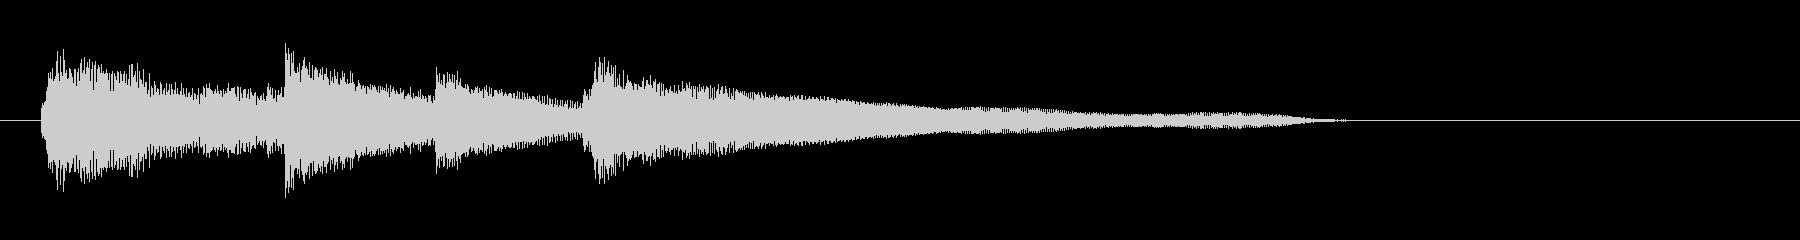 【サウンドロゴ】シンプルなピアノジングルの未再生の波形